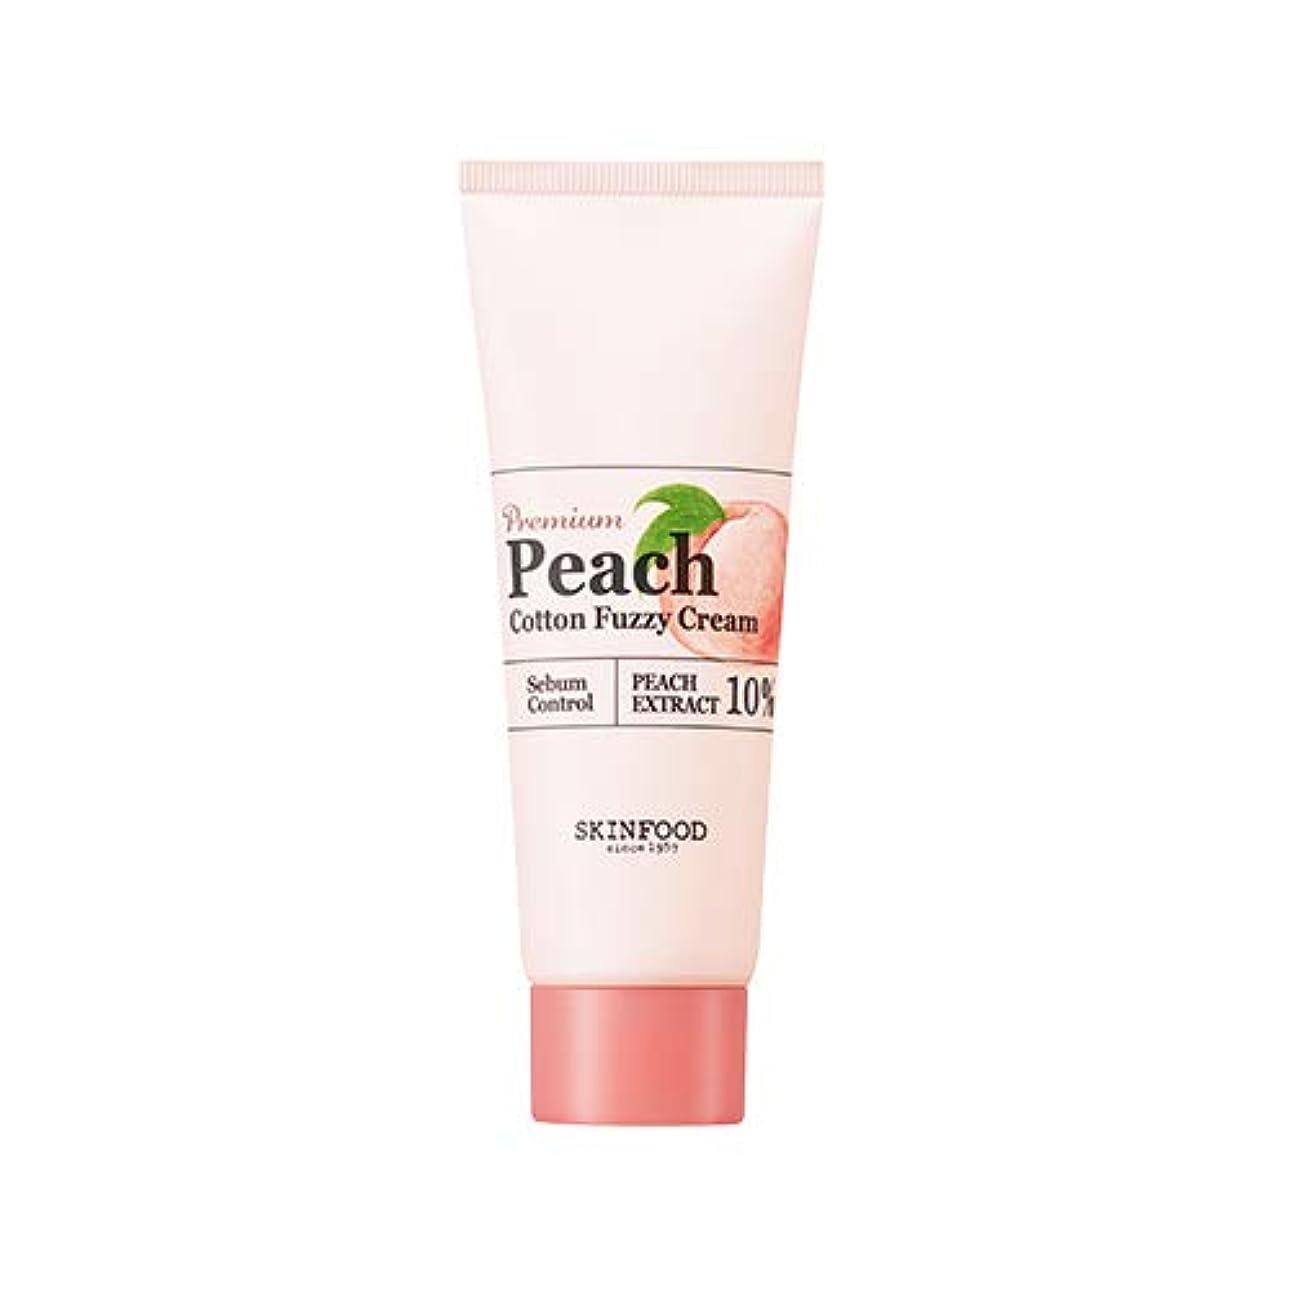 ディスカウント哀鉄道Skinfood プレミアムピーチコットンファジークリーム/Premium Peach Cotton Fuzzy Cream 65ml [並行輸入品]